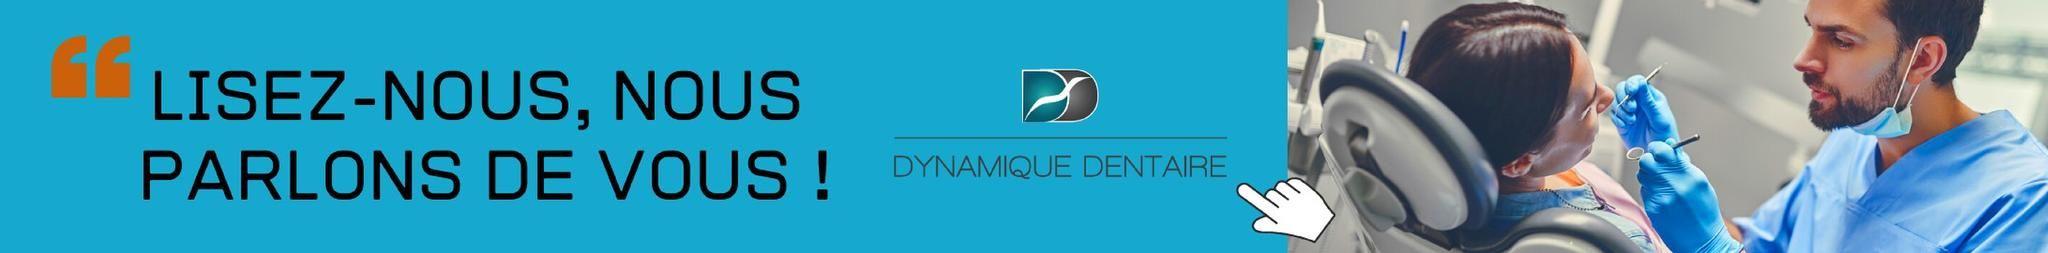 Dynamique dentaire